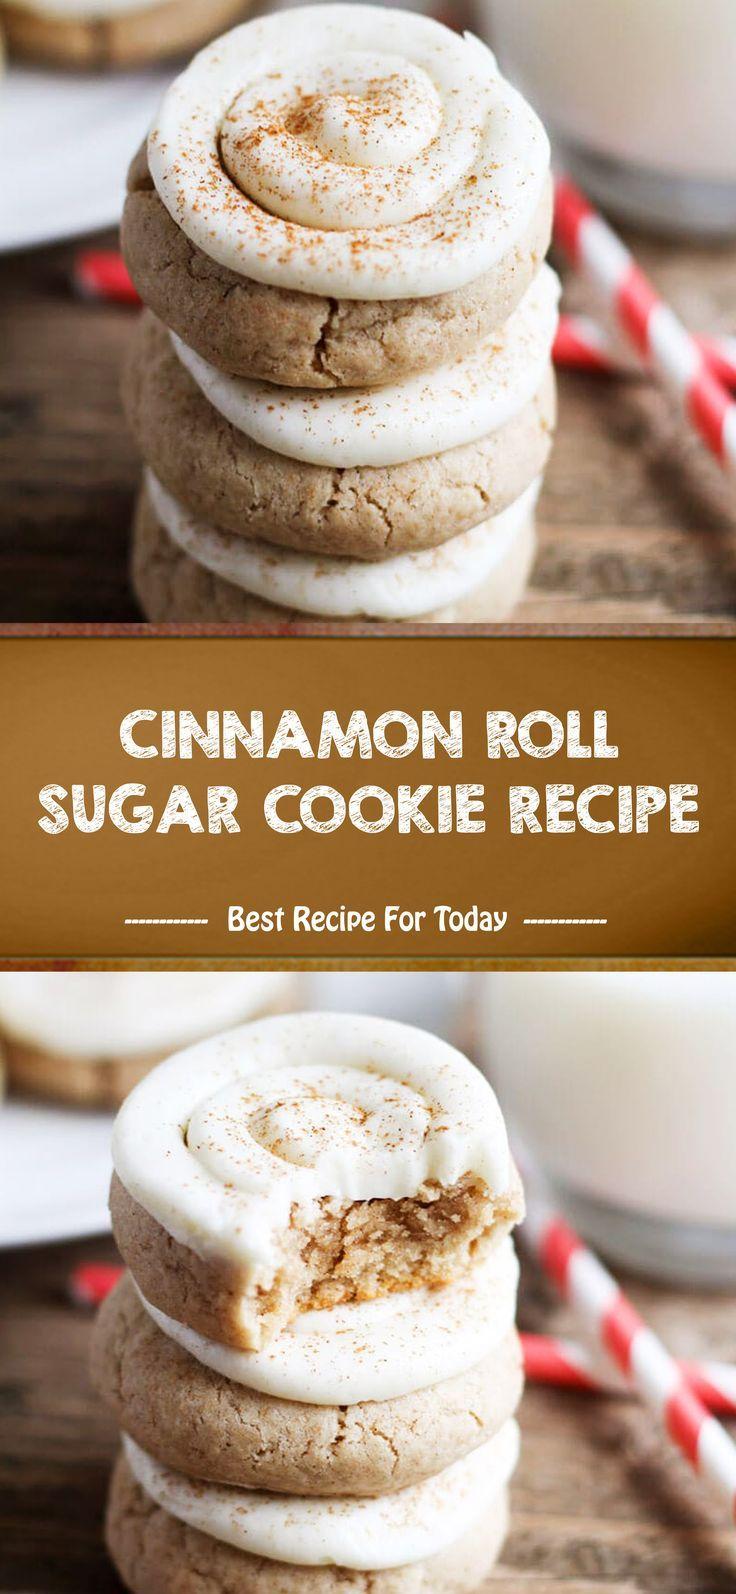 CINNAMON ROLL SUGAR COOKIE RECIPE #cinnamonsugarcookies